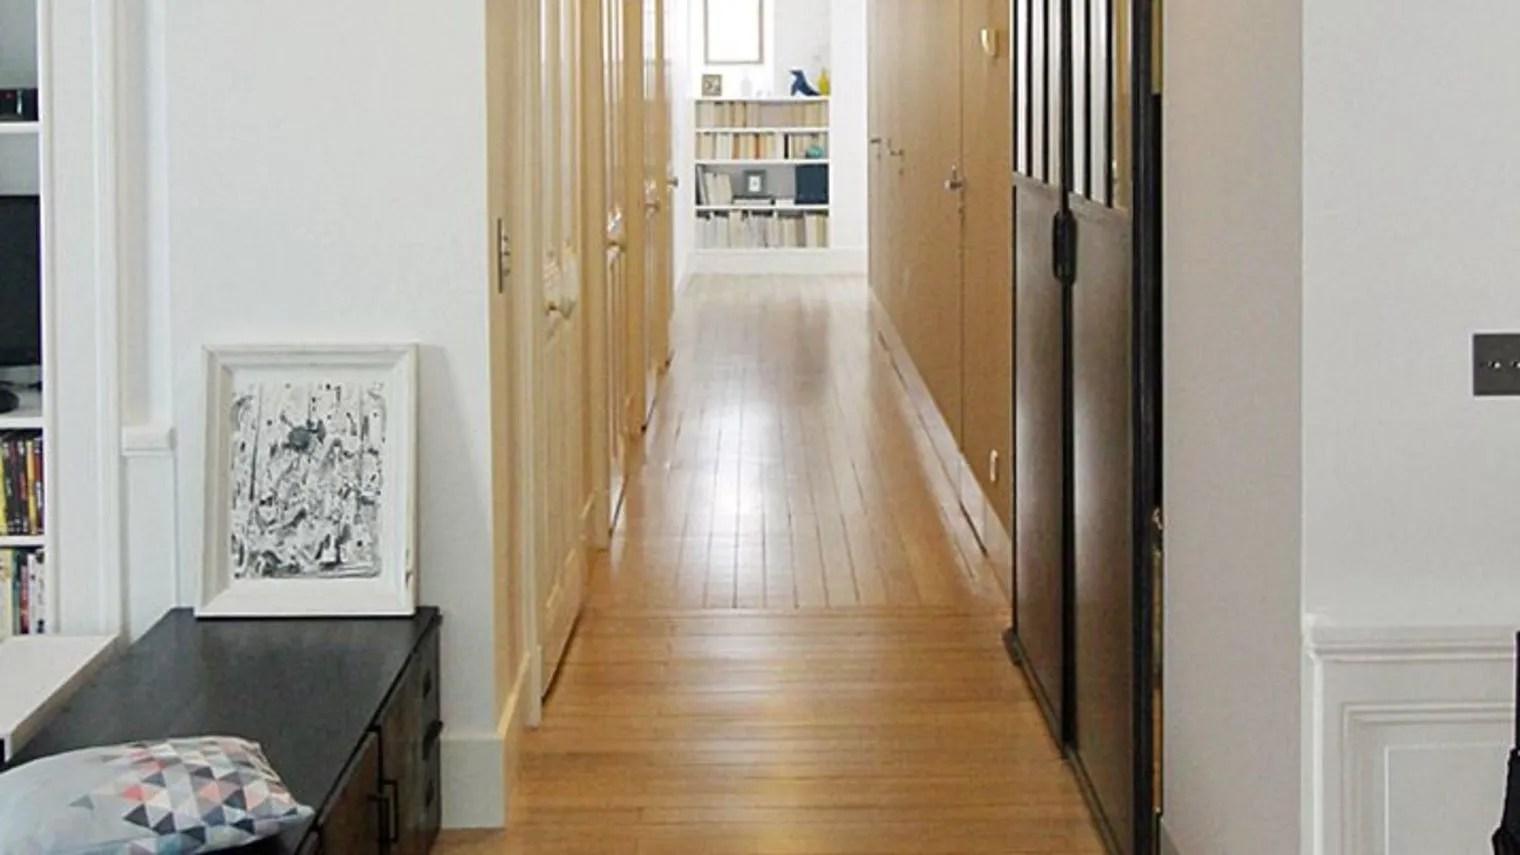 Decoration De Couloir Avec Escalier decoration couloir maison avec deco cage d escalier frais – belles